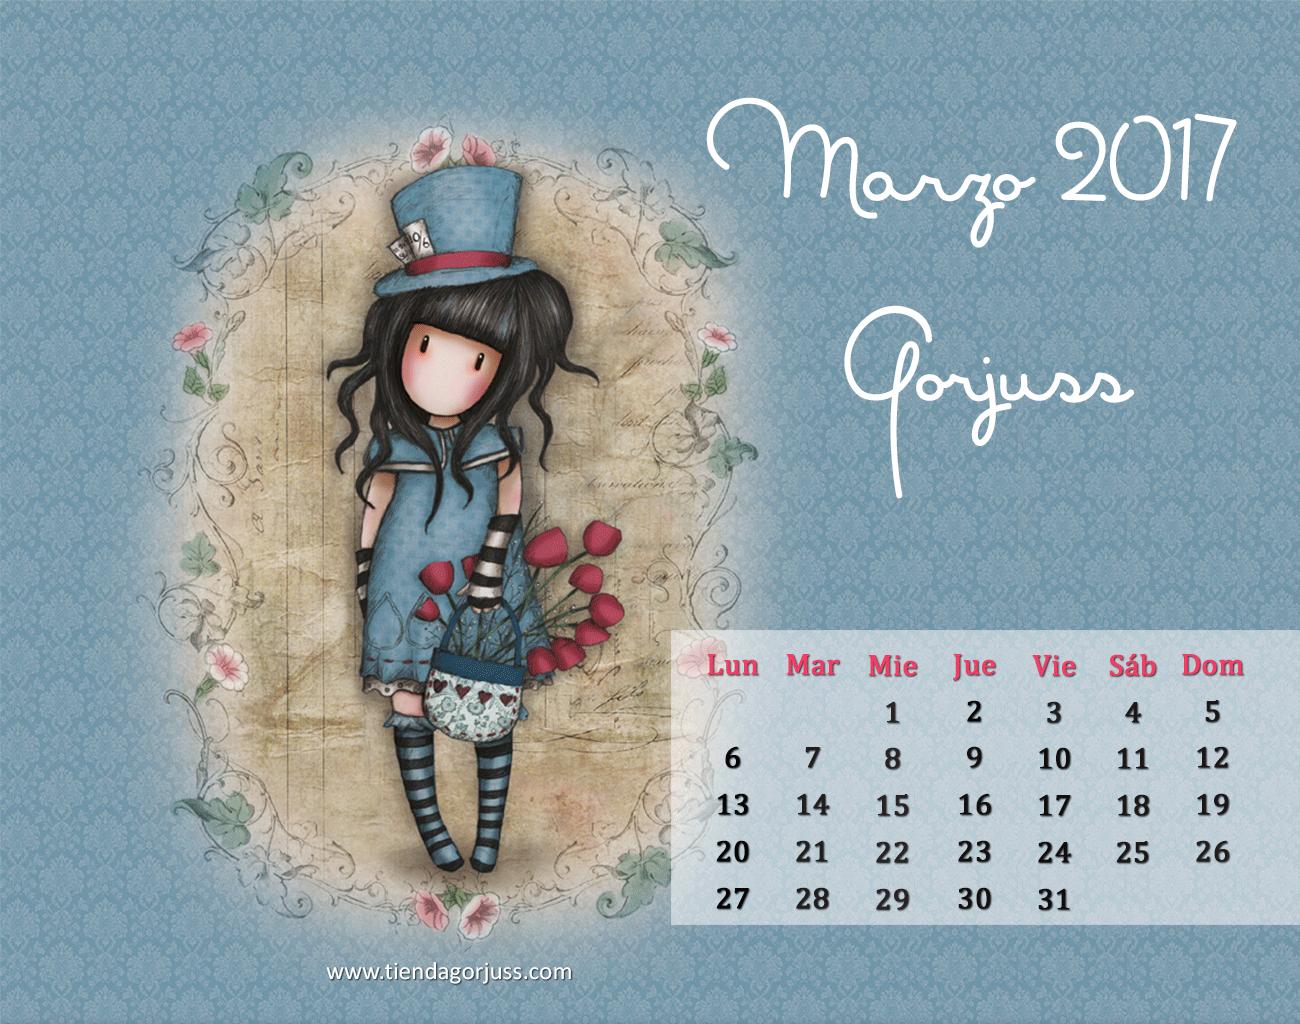 Marzo gorjuss 2017 regalo de calendario descargable - Fotos de ordenadores ...